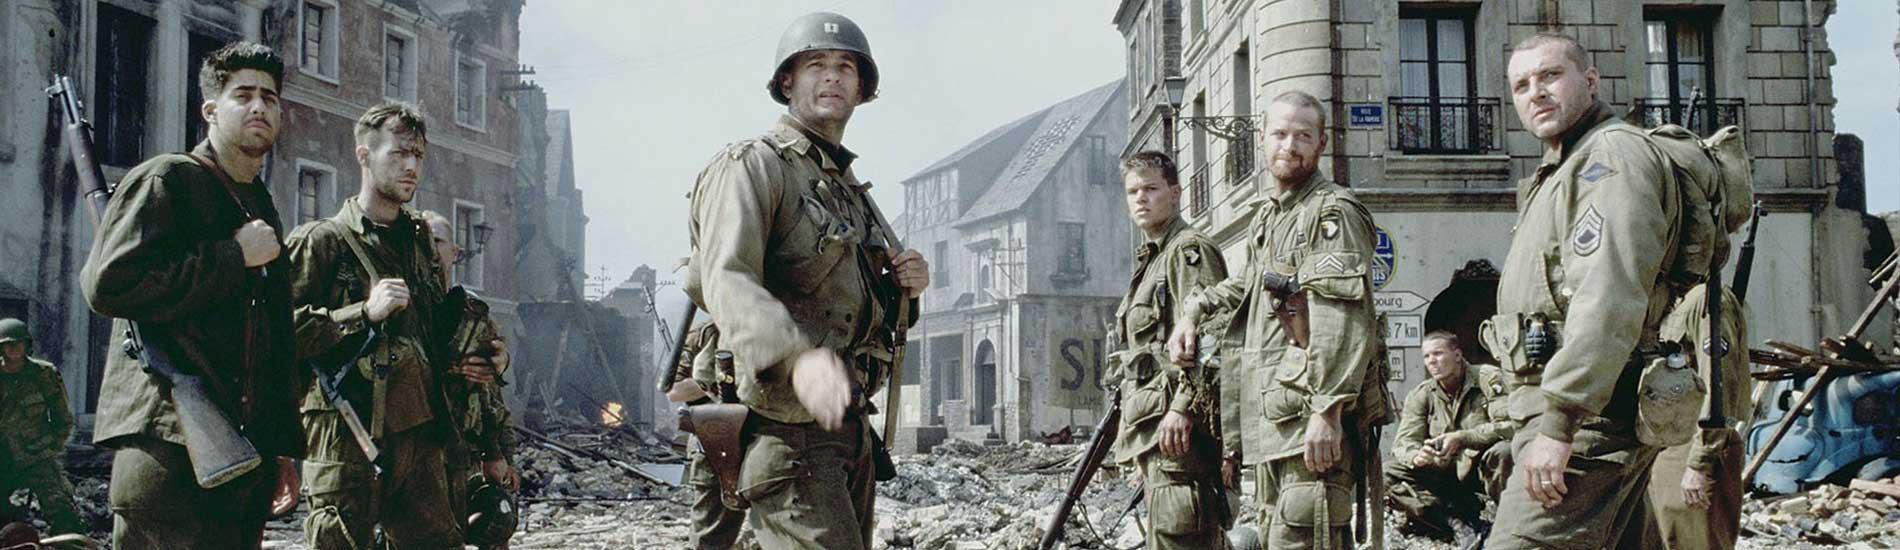 Mejores películas de la Segunda Guerra Mundial